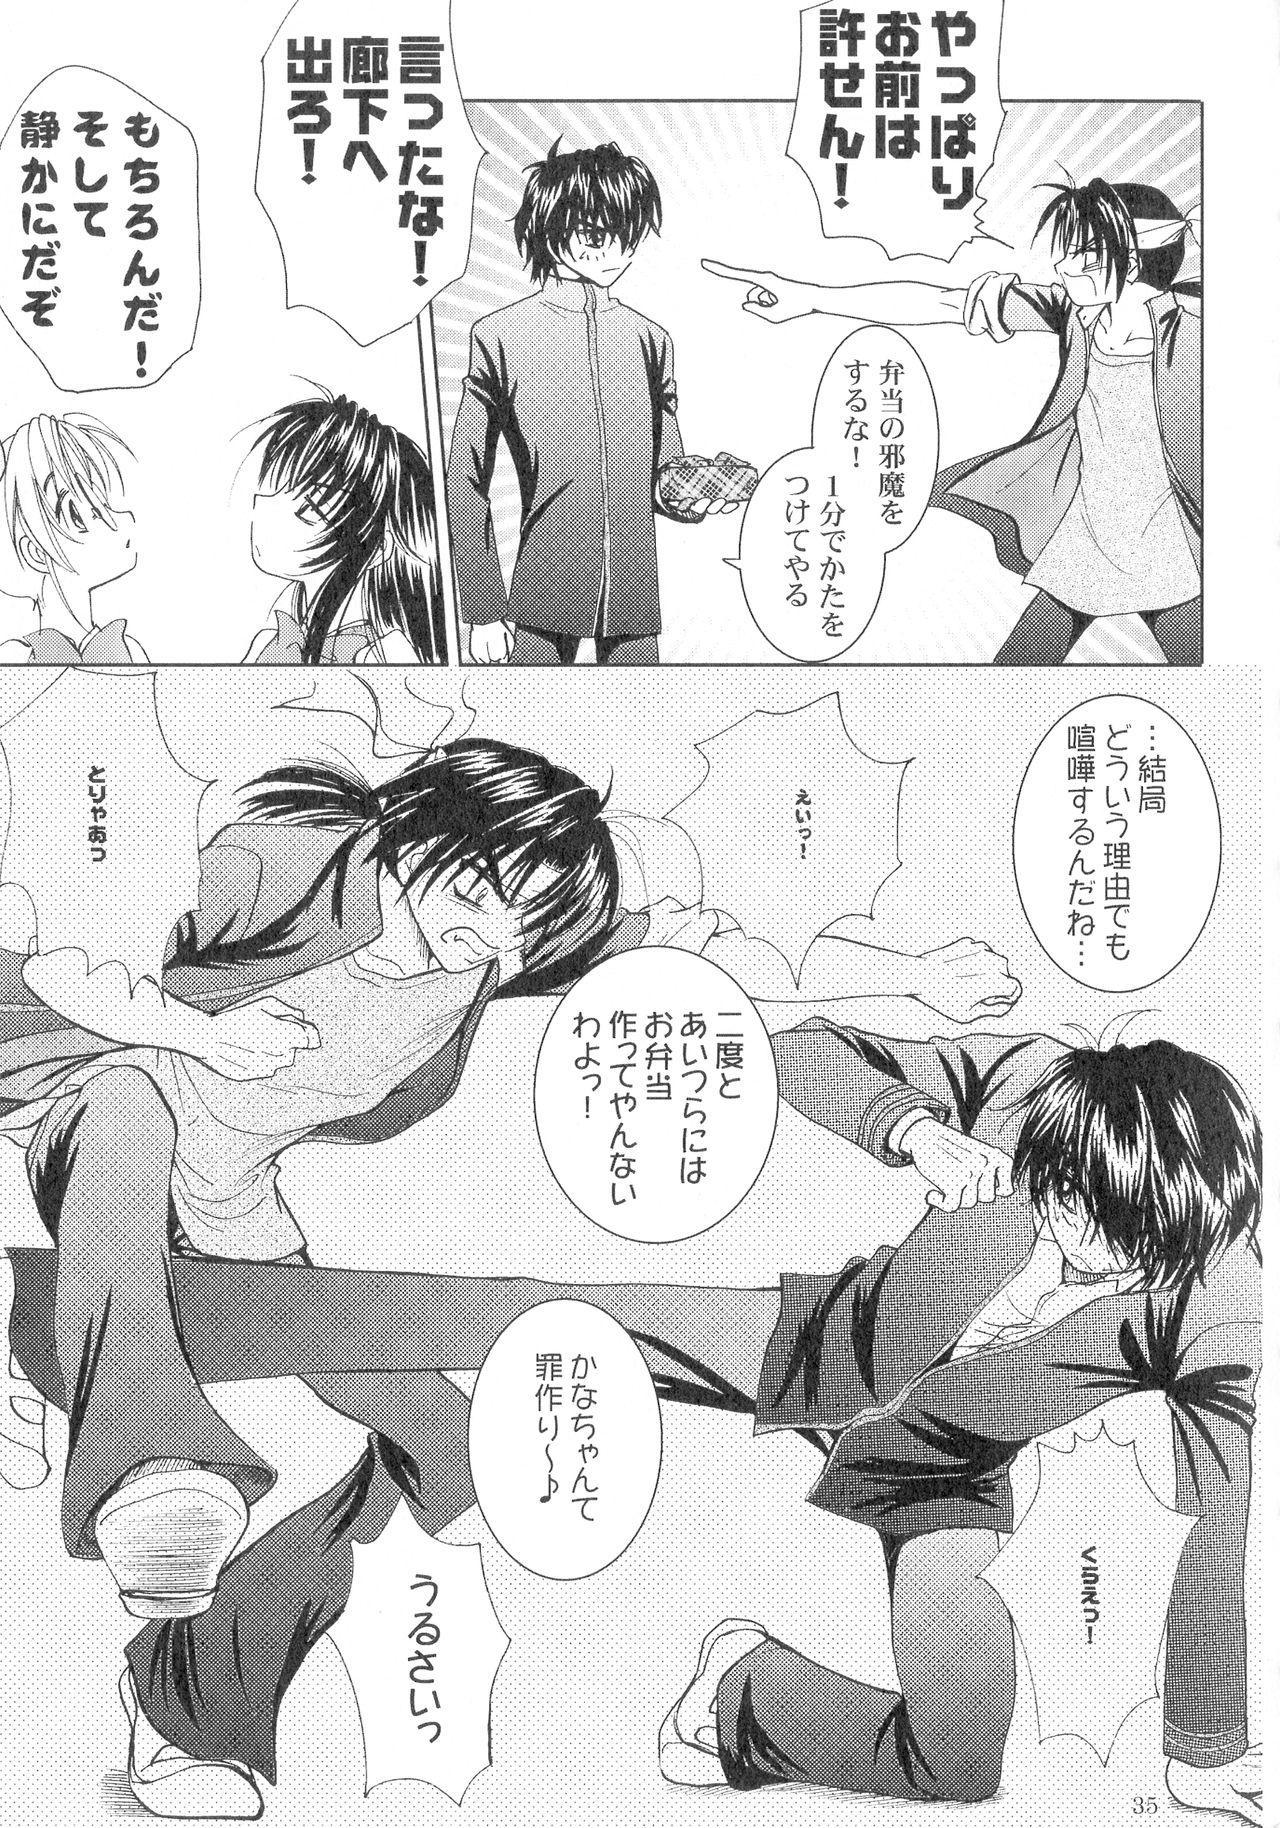 SEXY PANIC Sairokushuu Vol. 4 35